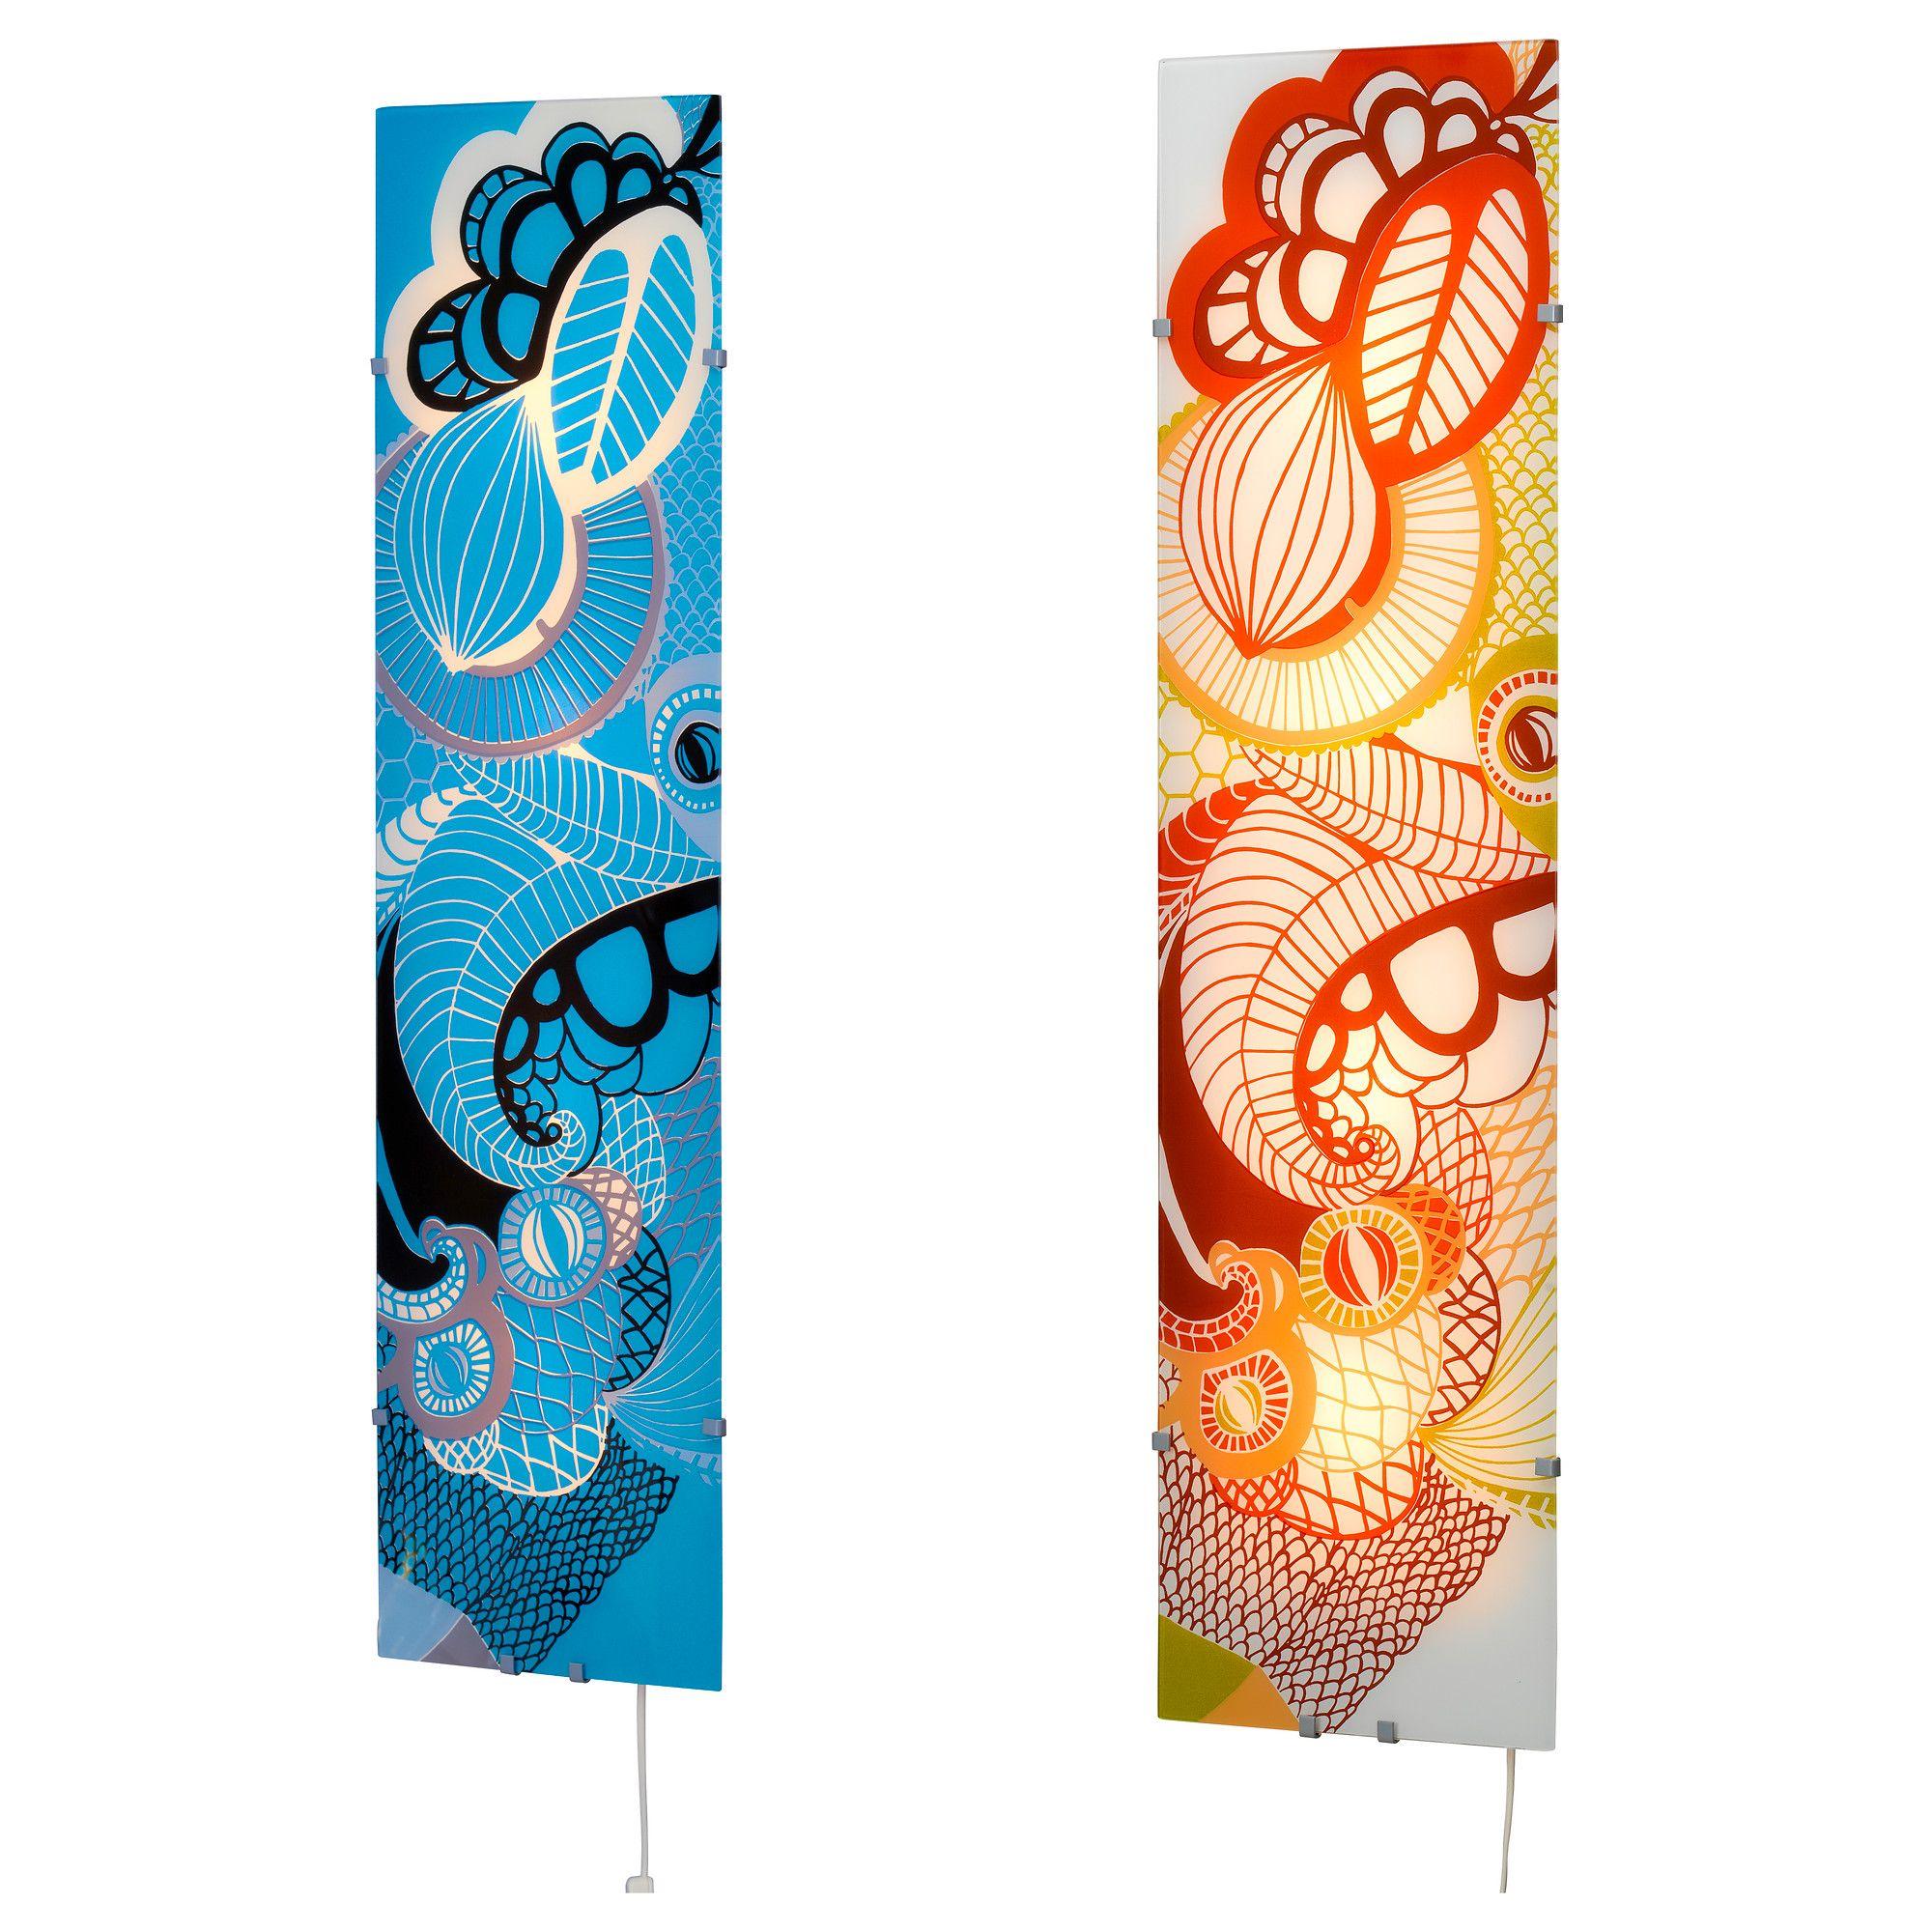 Gyllen lampada da parete multicolore 95 cm ikea for Poster da parete ikea